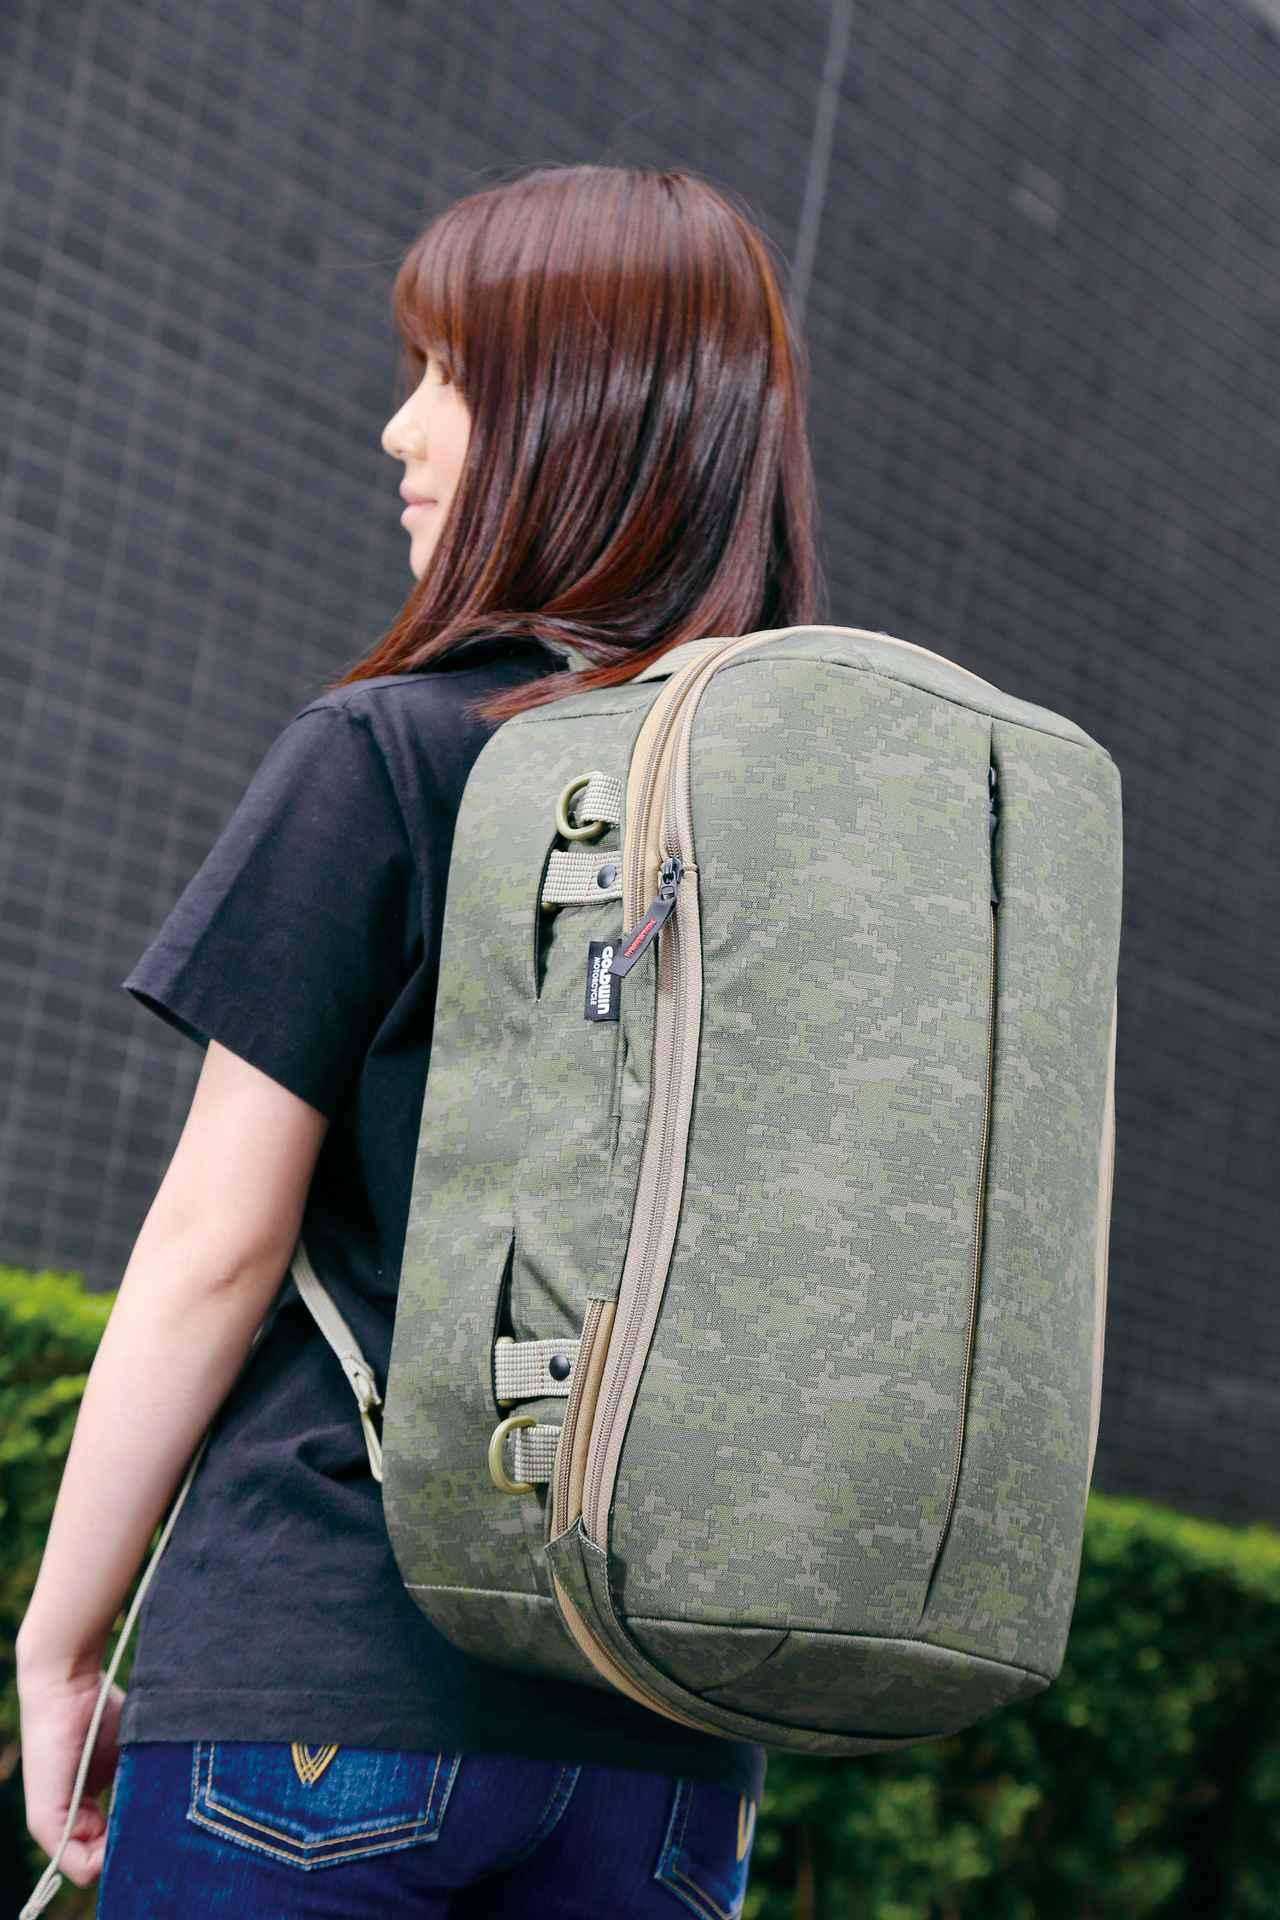 Images : 3番目の画像 - 「シンプルデザインの背負えるシートバッグ!『GOLDWIN GWM X-OVER リアバッグ39』」のアルバム - webオートバイ